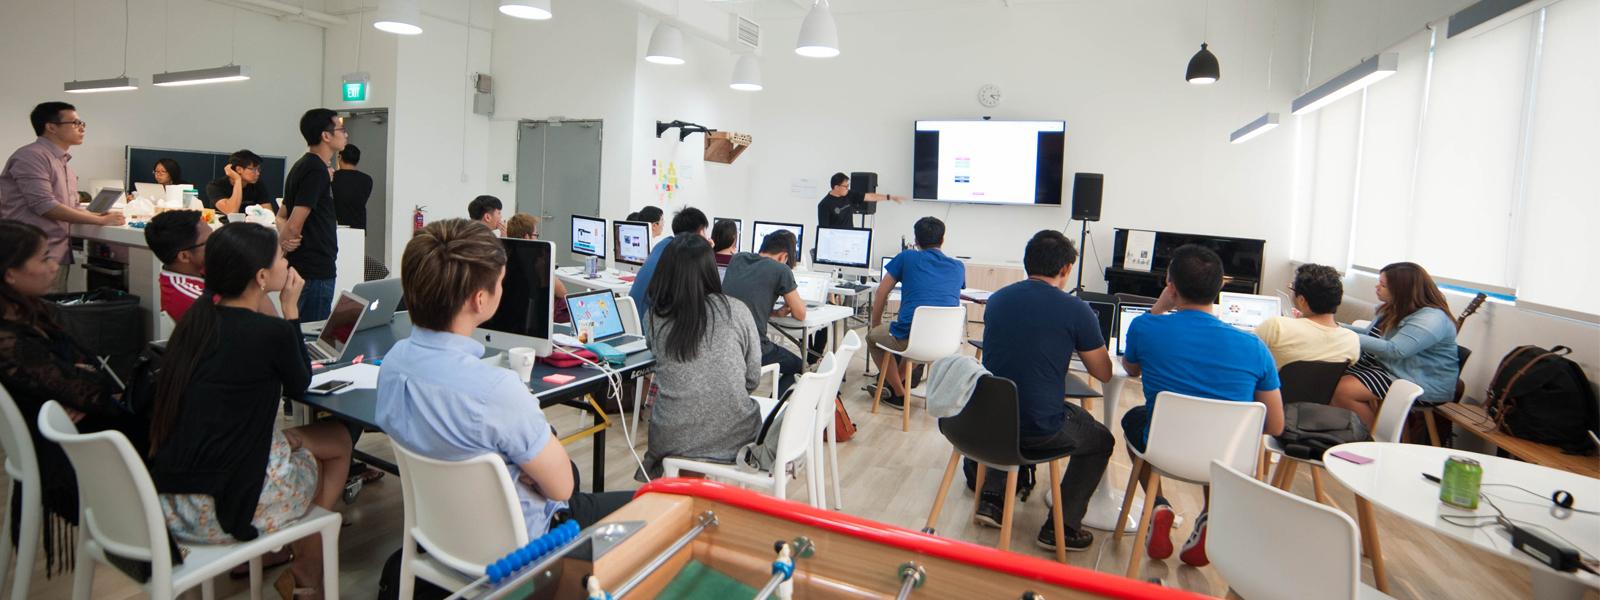 Classroom2.2 JPEG